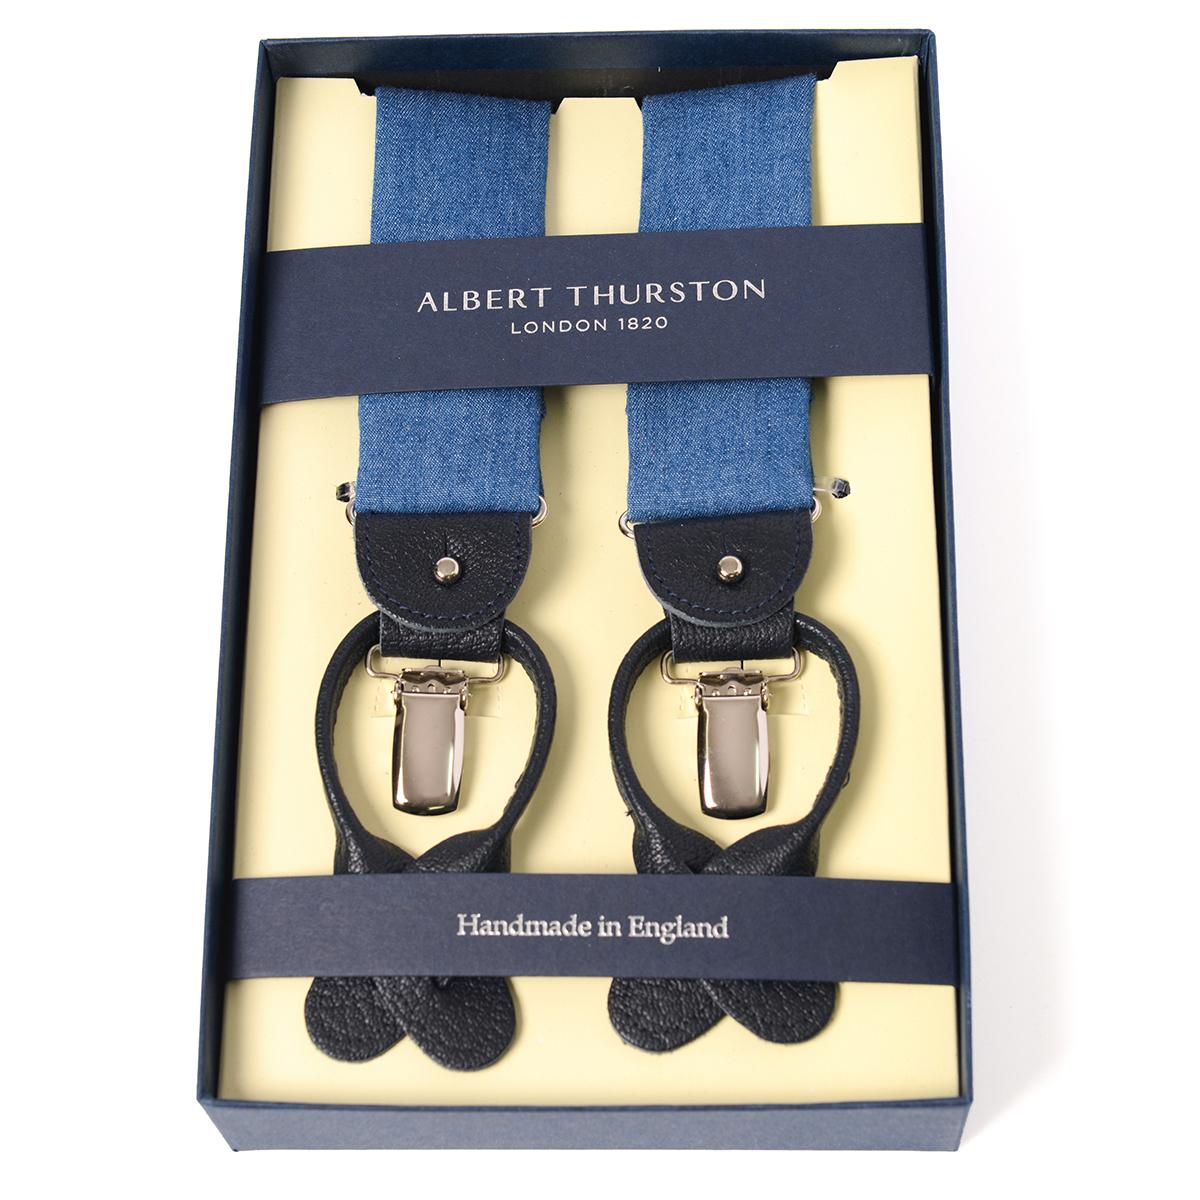 アルバートサーストン サスペンダー ブルー デニム生地タイプ /ALBERT THURSTON Denim Braces メンズ ブランド